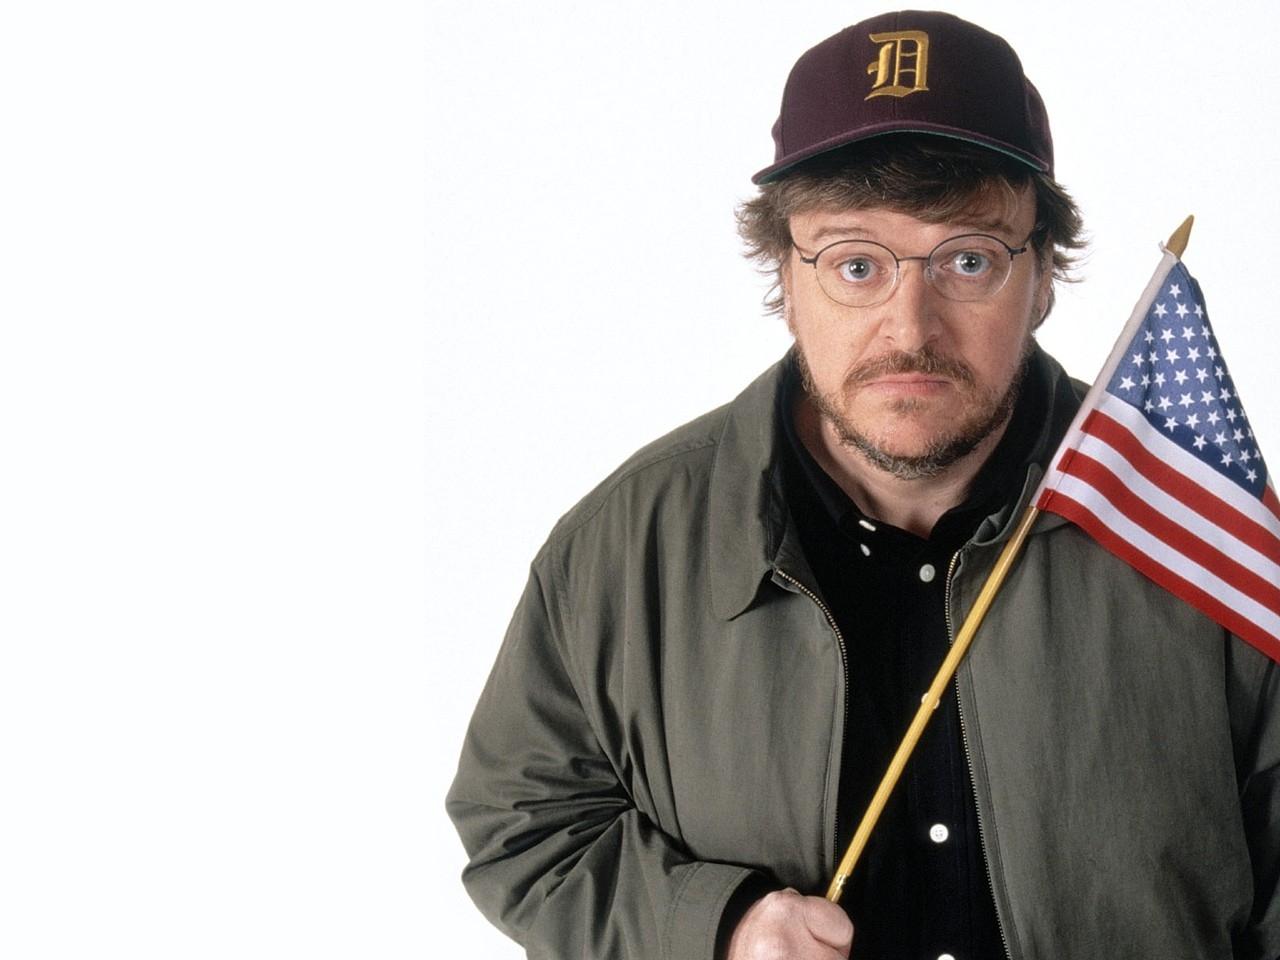 Wallpaper di Michael Moore